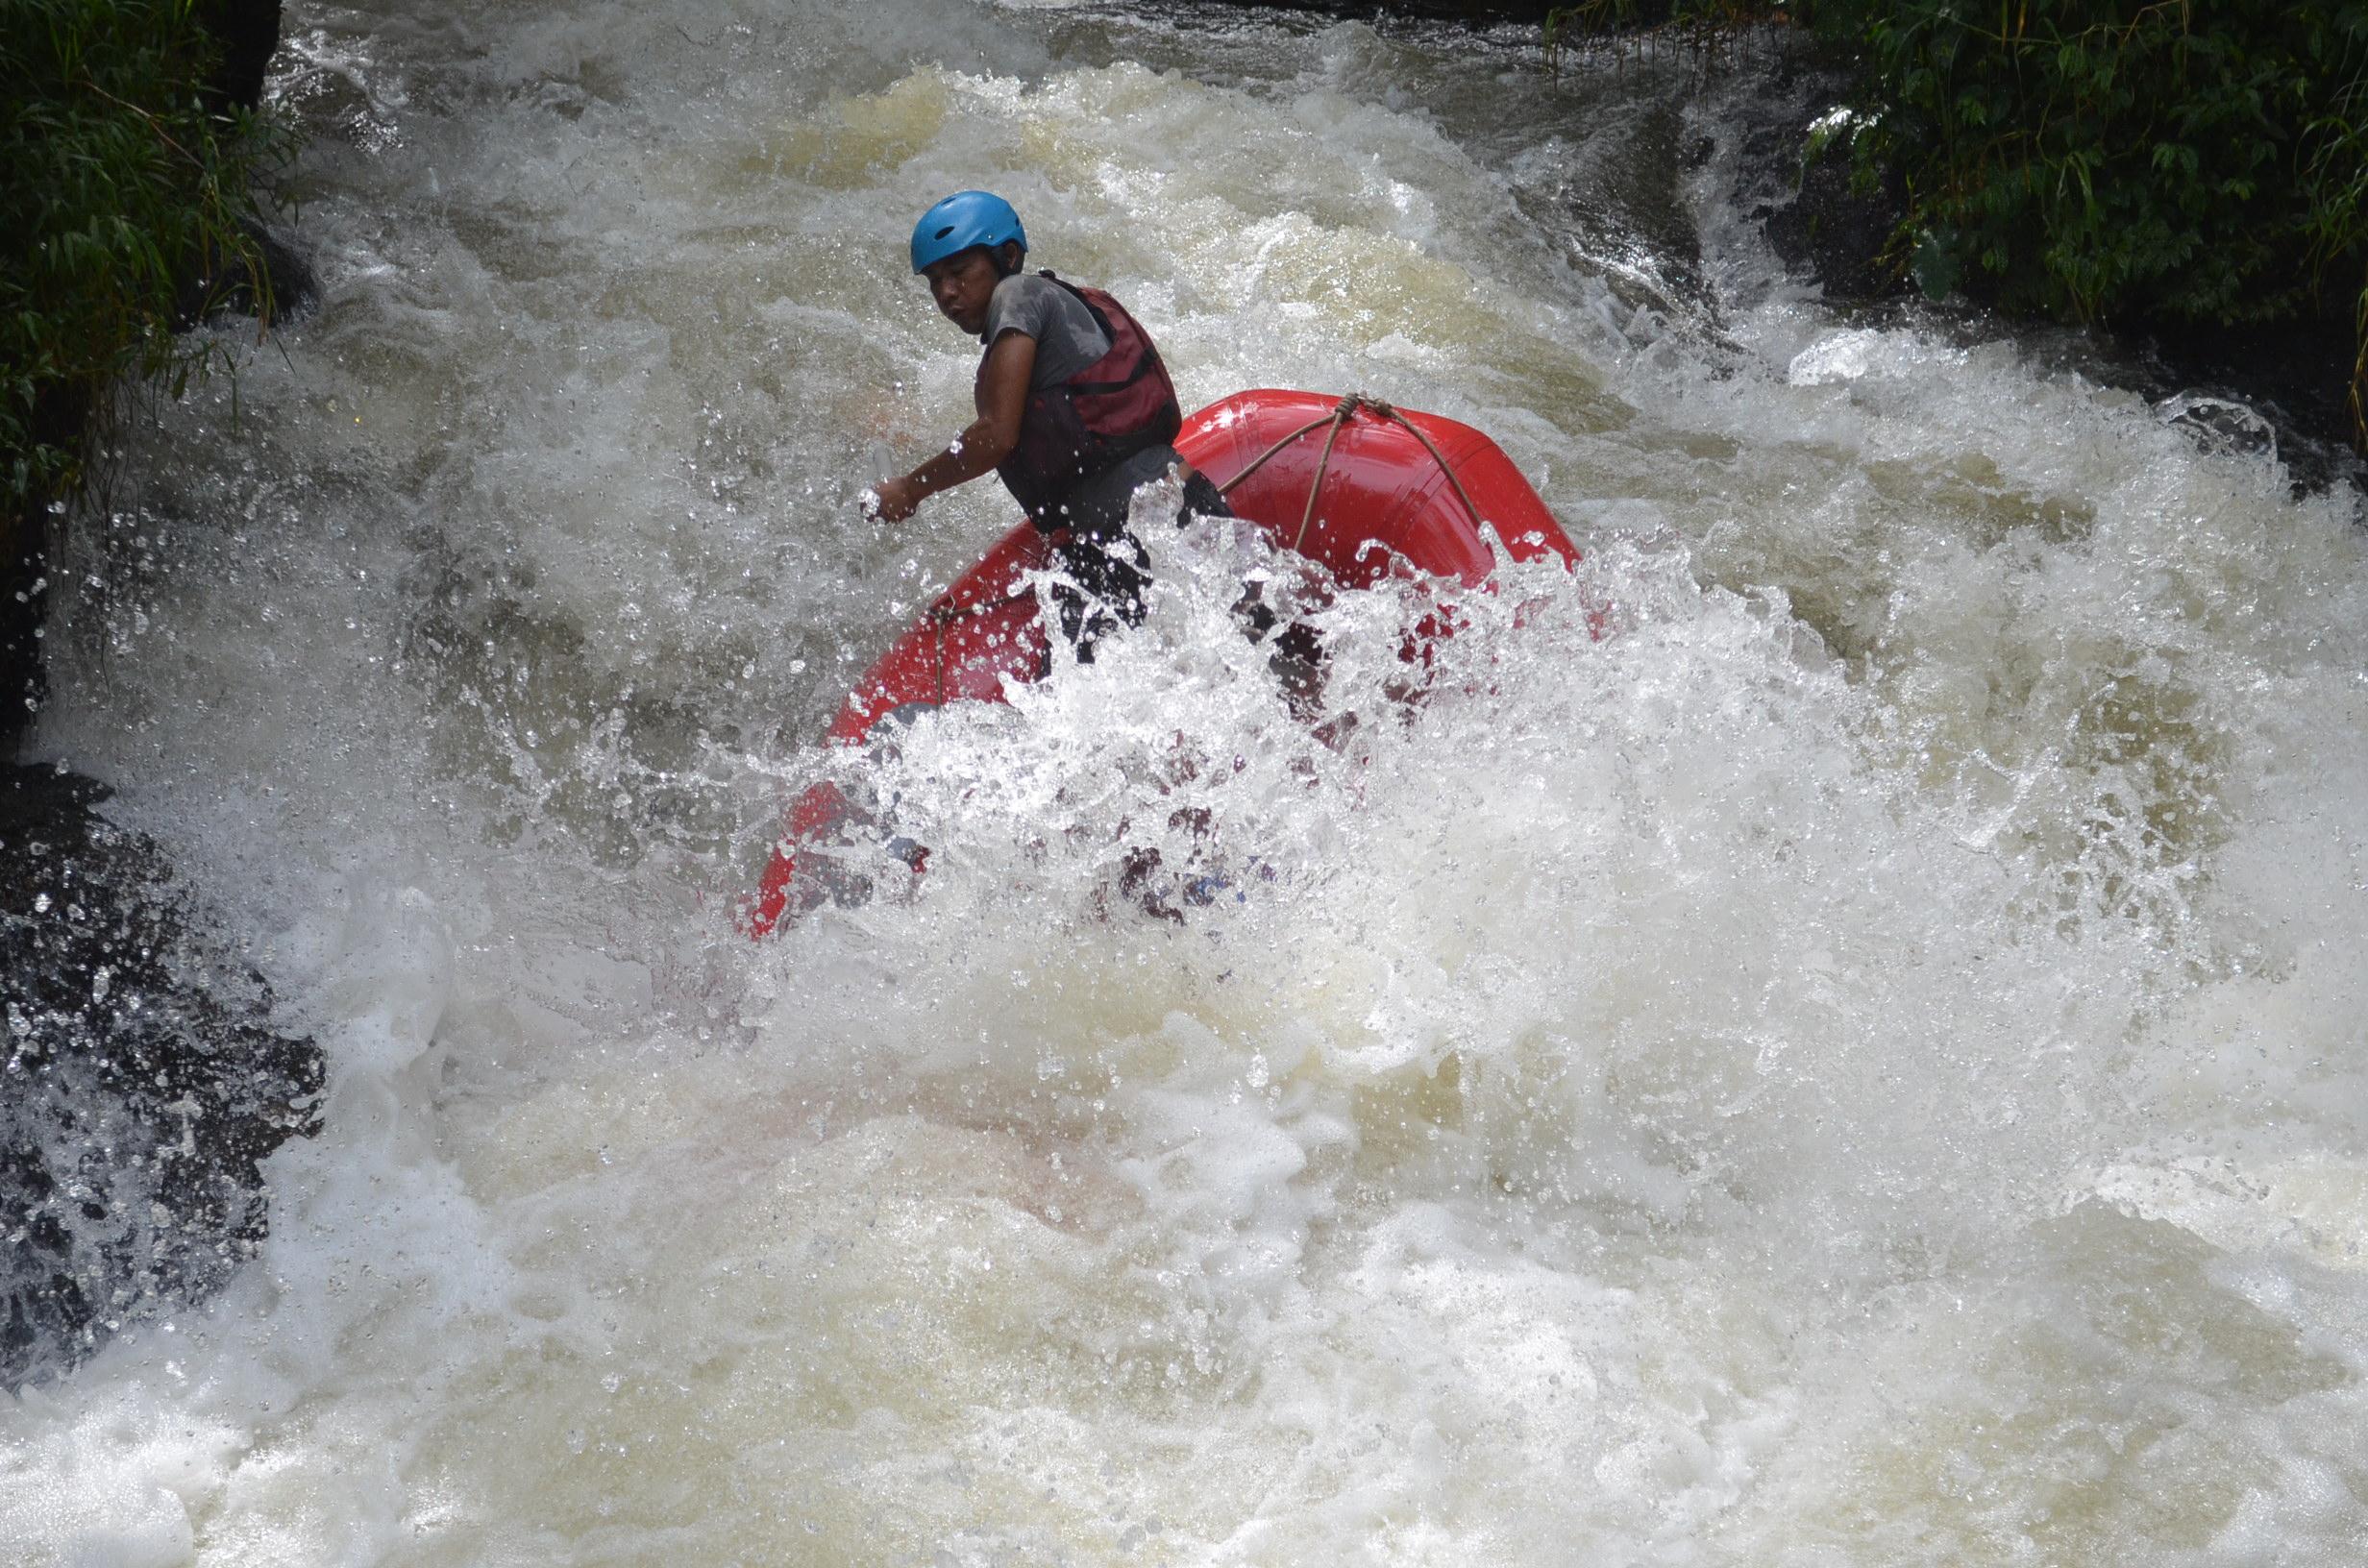 wahana-wisata-rafting-pangalengan-bandung-selatan-32